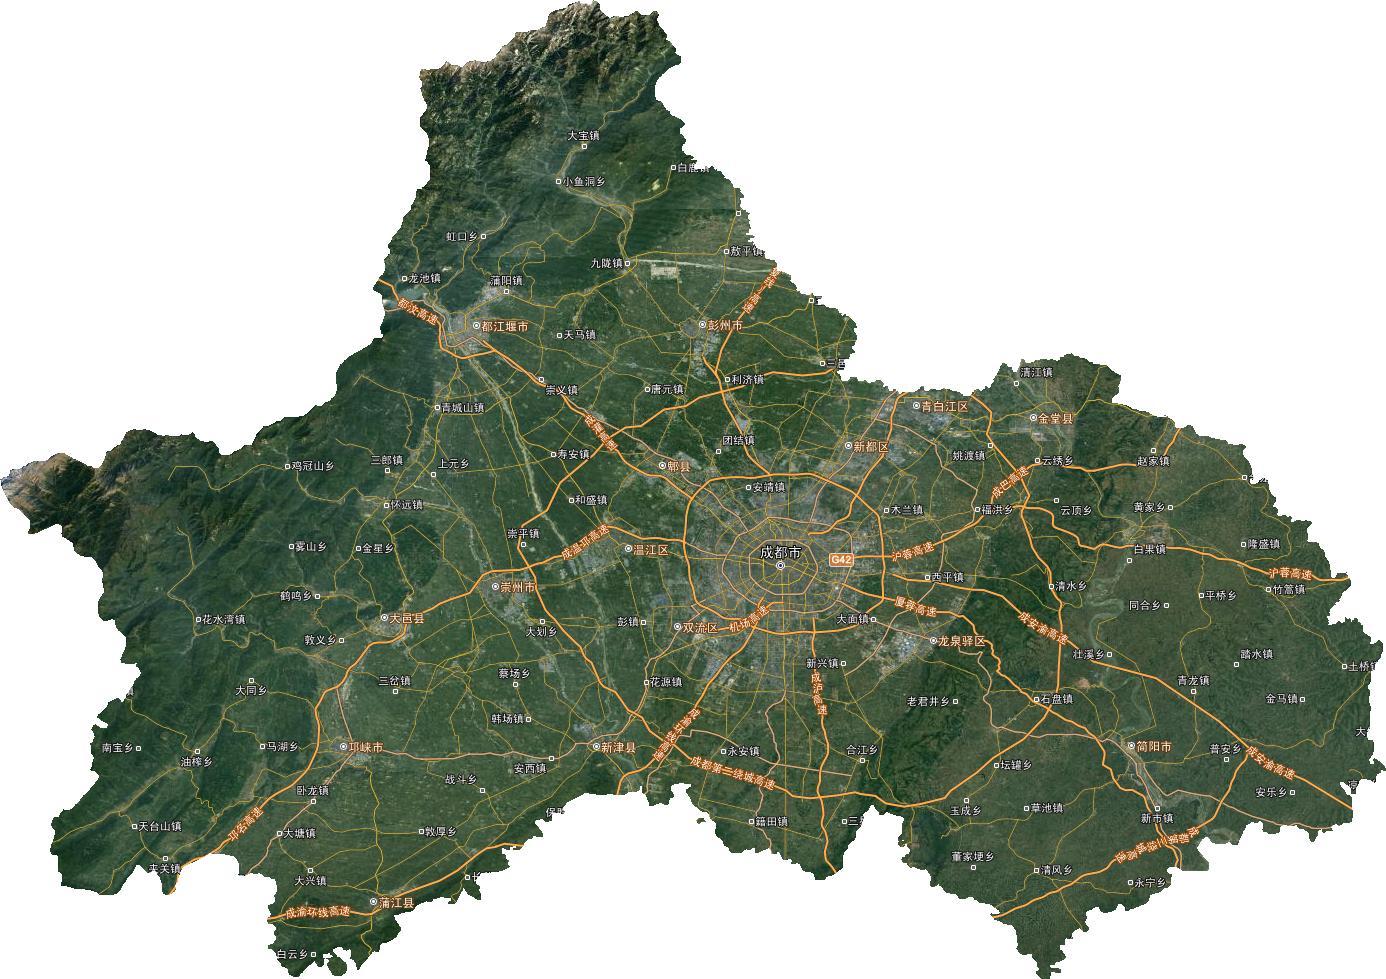 谷歌高清卫星地图2020下载-谷歌高清卫星地图2020... -地之图下载